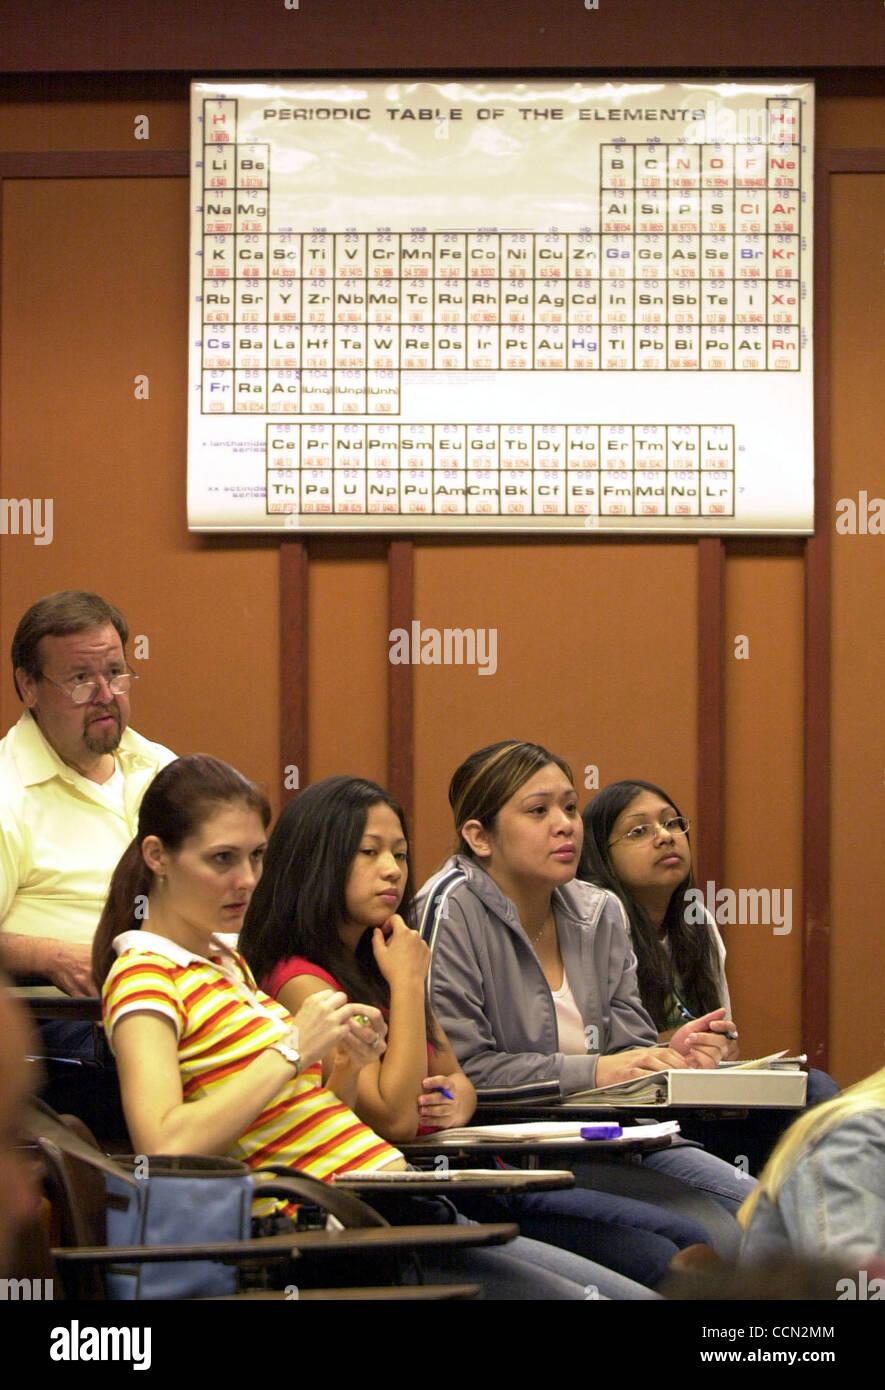 Una tabla periódica se cuelga en la pared sobre los estudiantes en ...